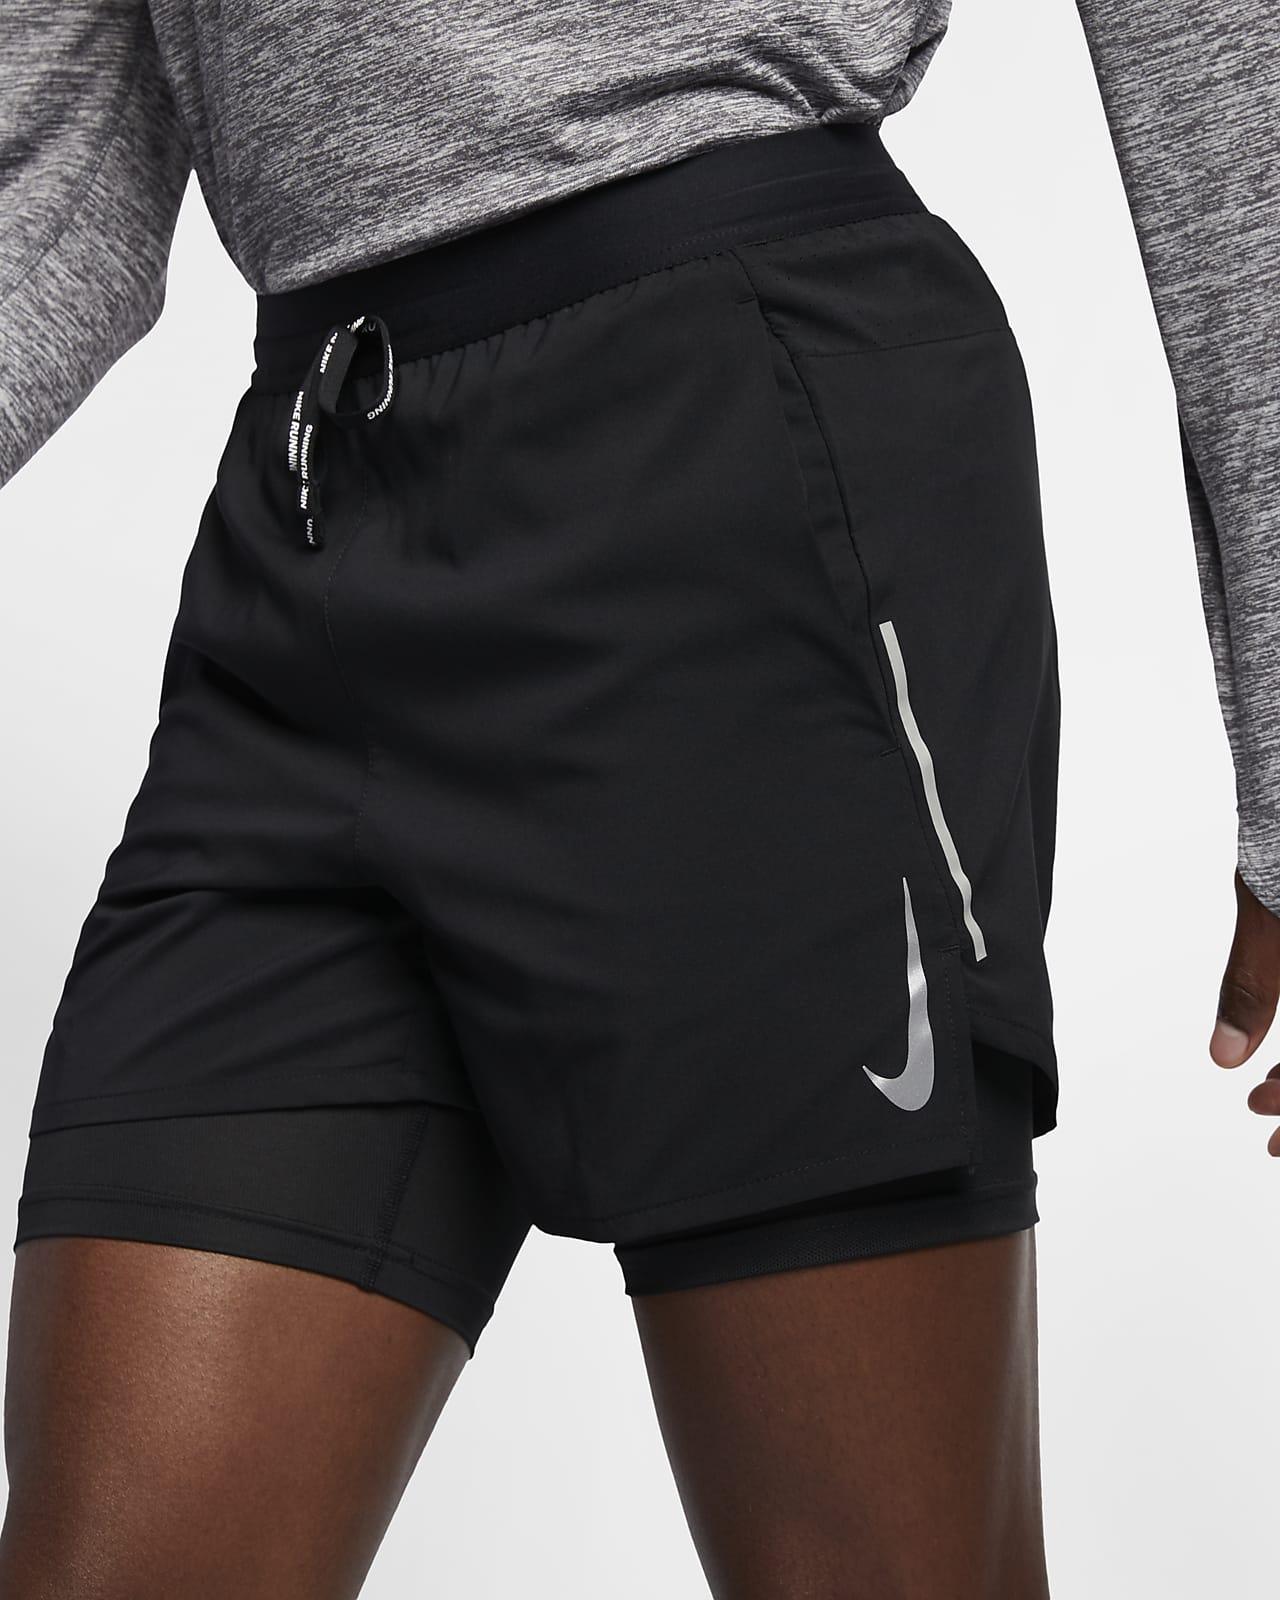 กางเกงวิ่งขาสั้น 5 นิ้ว 2-in-1 ผู้ชาย Nike Flex Stride